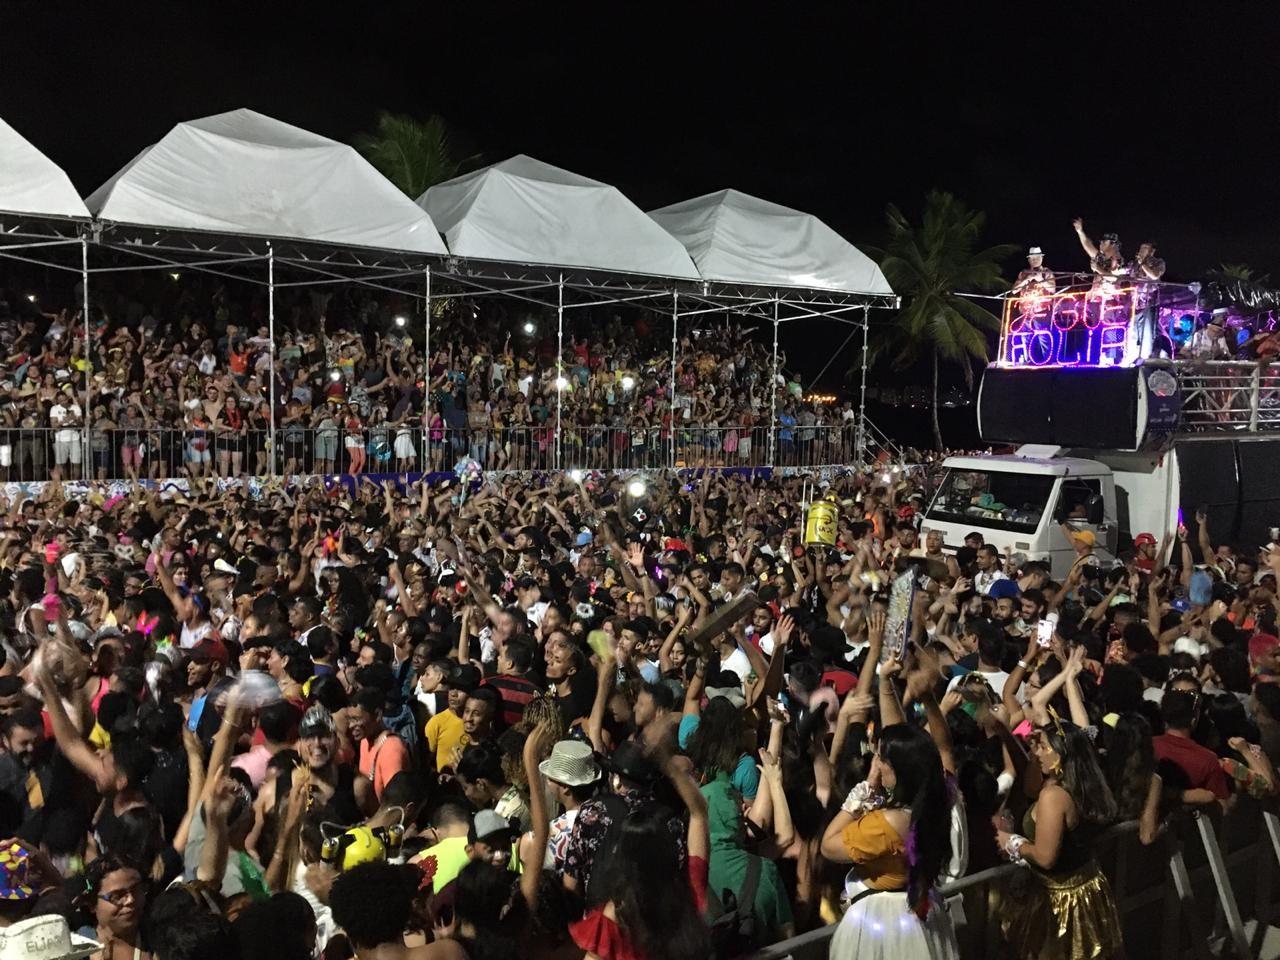 Governo não descarta realizar 'carnaval fora de época' em 2021 no Maranhão